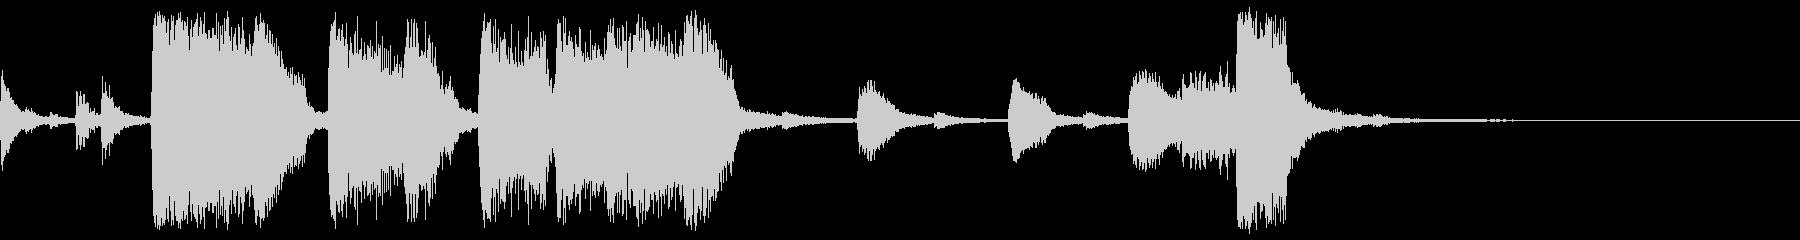 ビッグバンドの豪華なステージクリアBGMの未再生の波形